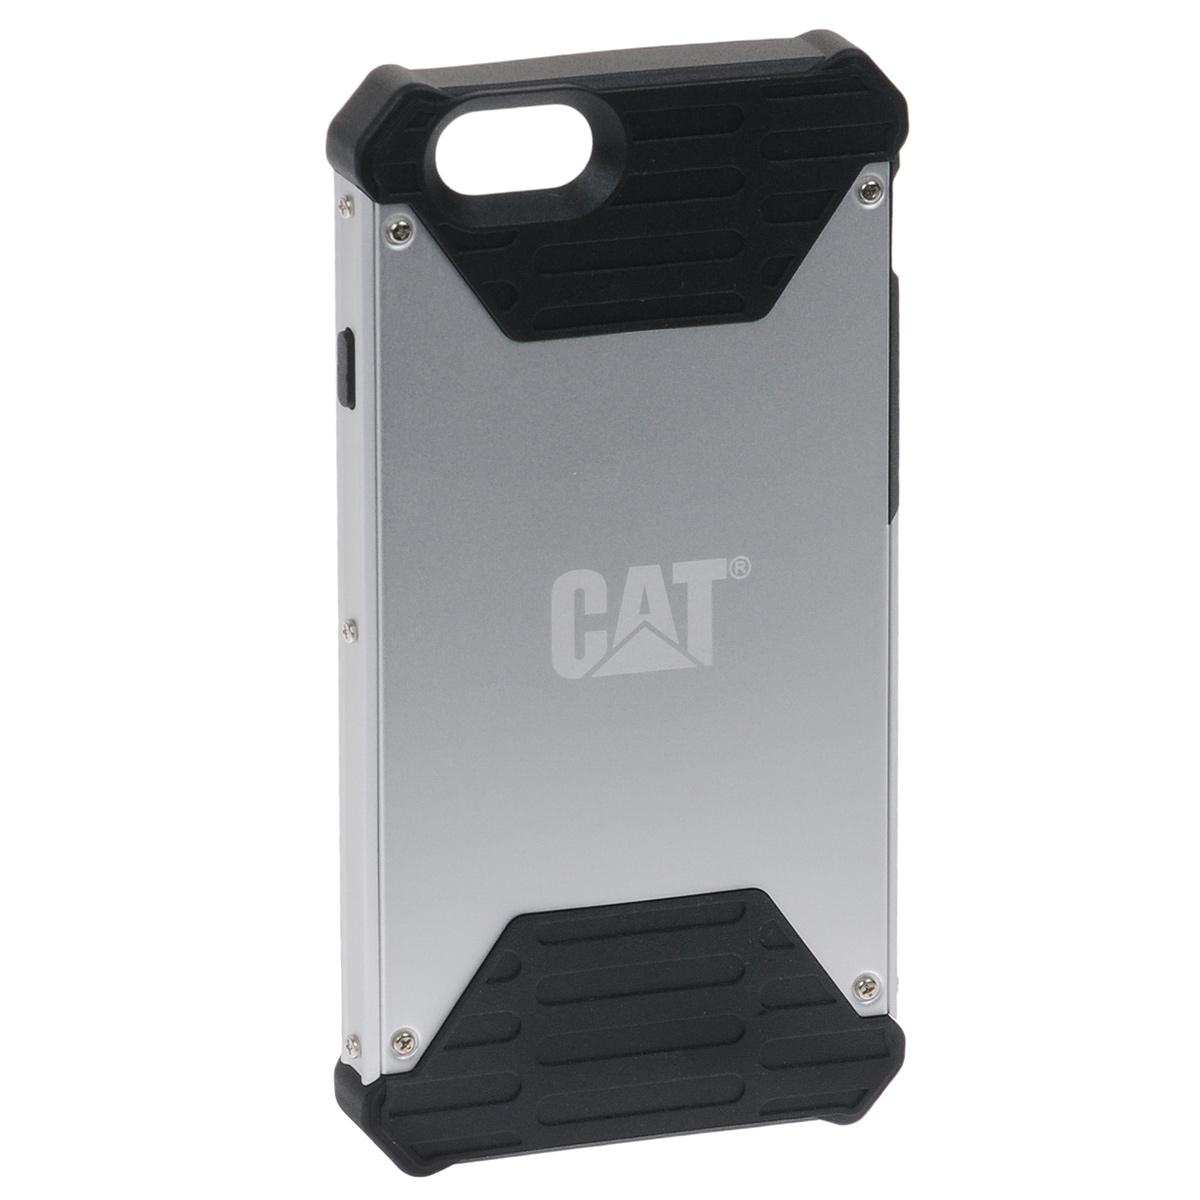 все цены на  Caterpillar Active Signature противоударный чехол для iPhone 6  онлайн